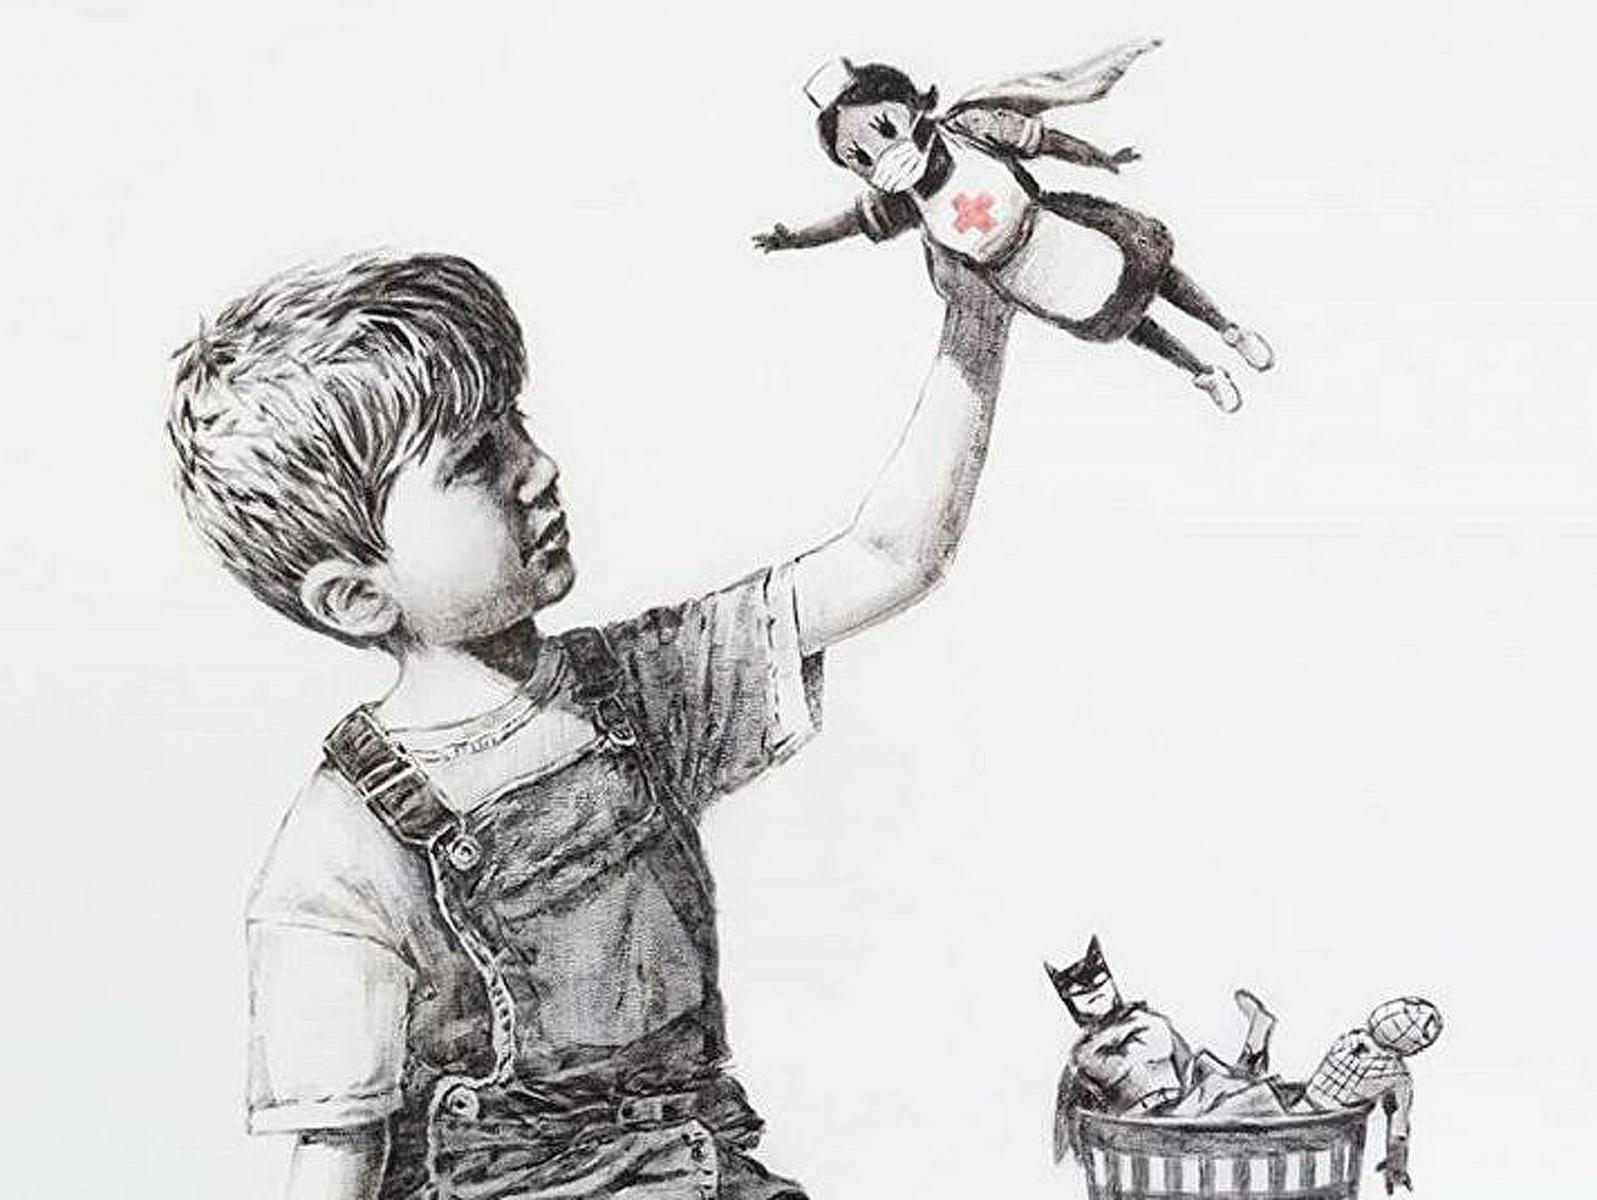 Появится огромная копия картины анонимного художника Бэнкси для медиков в Брянске